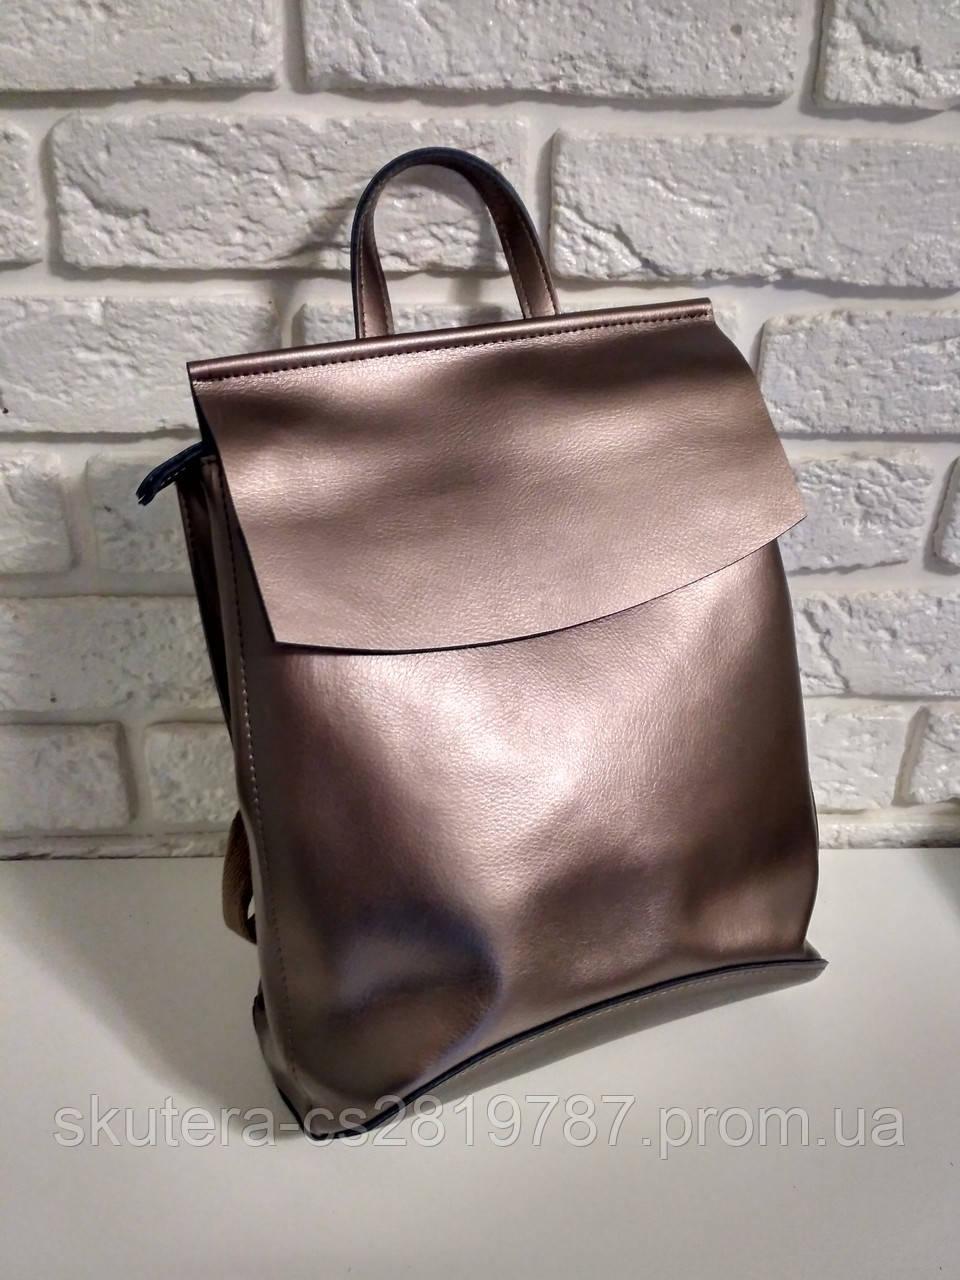 ef1ec533c534 Женский кожаный рюкзак-сумка(трансформер)